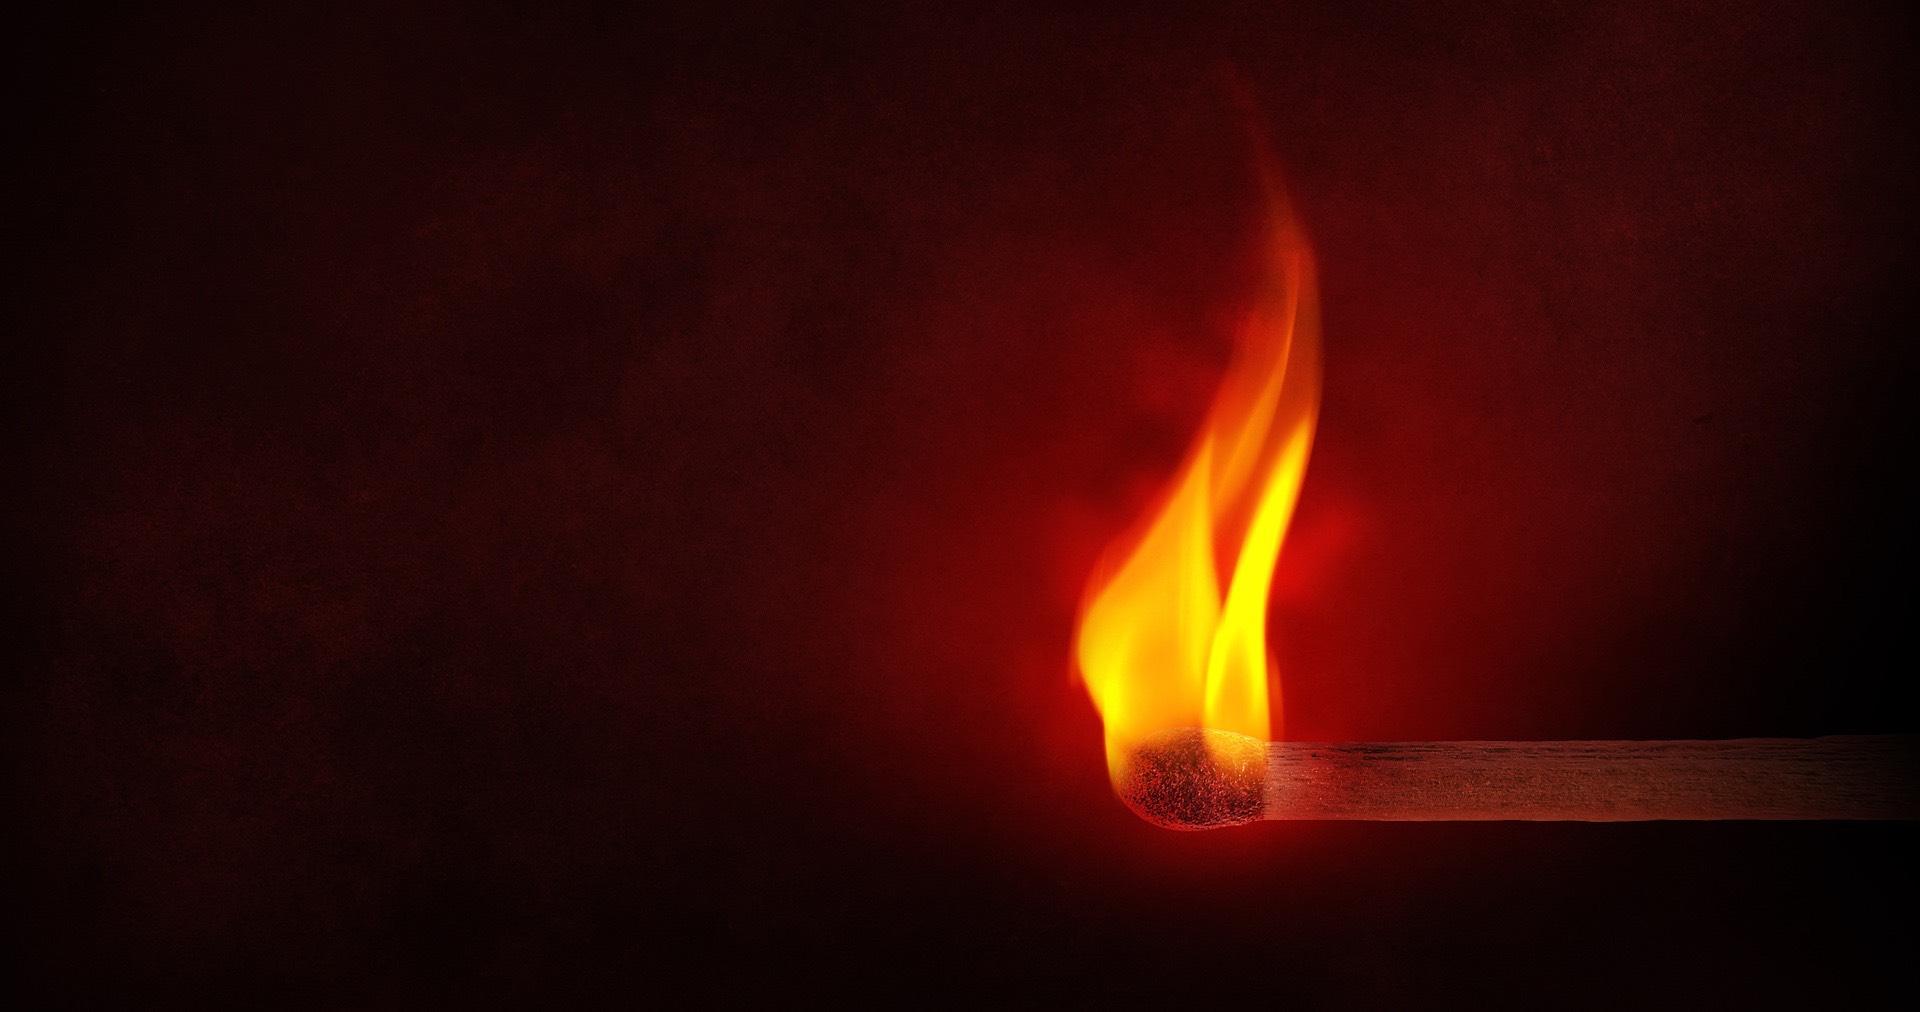 Концептуальный поджог: мужчина выразил протест по поводу строительства базы отдыха на месте пастбища